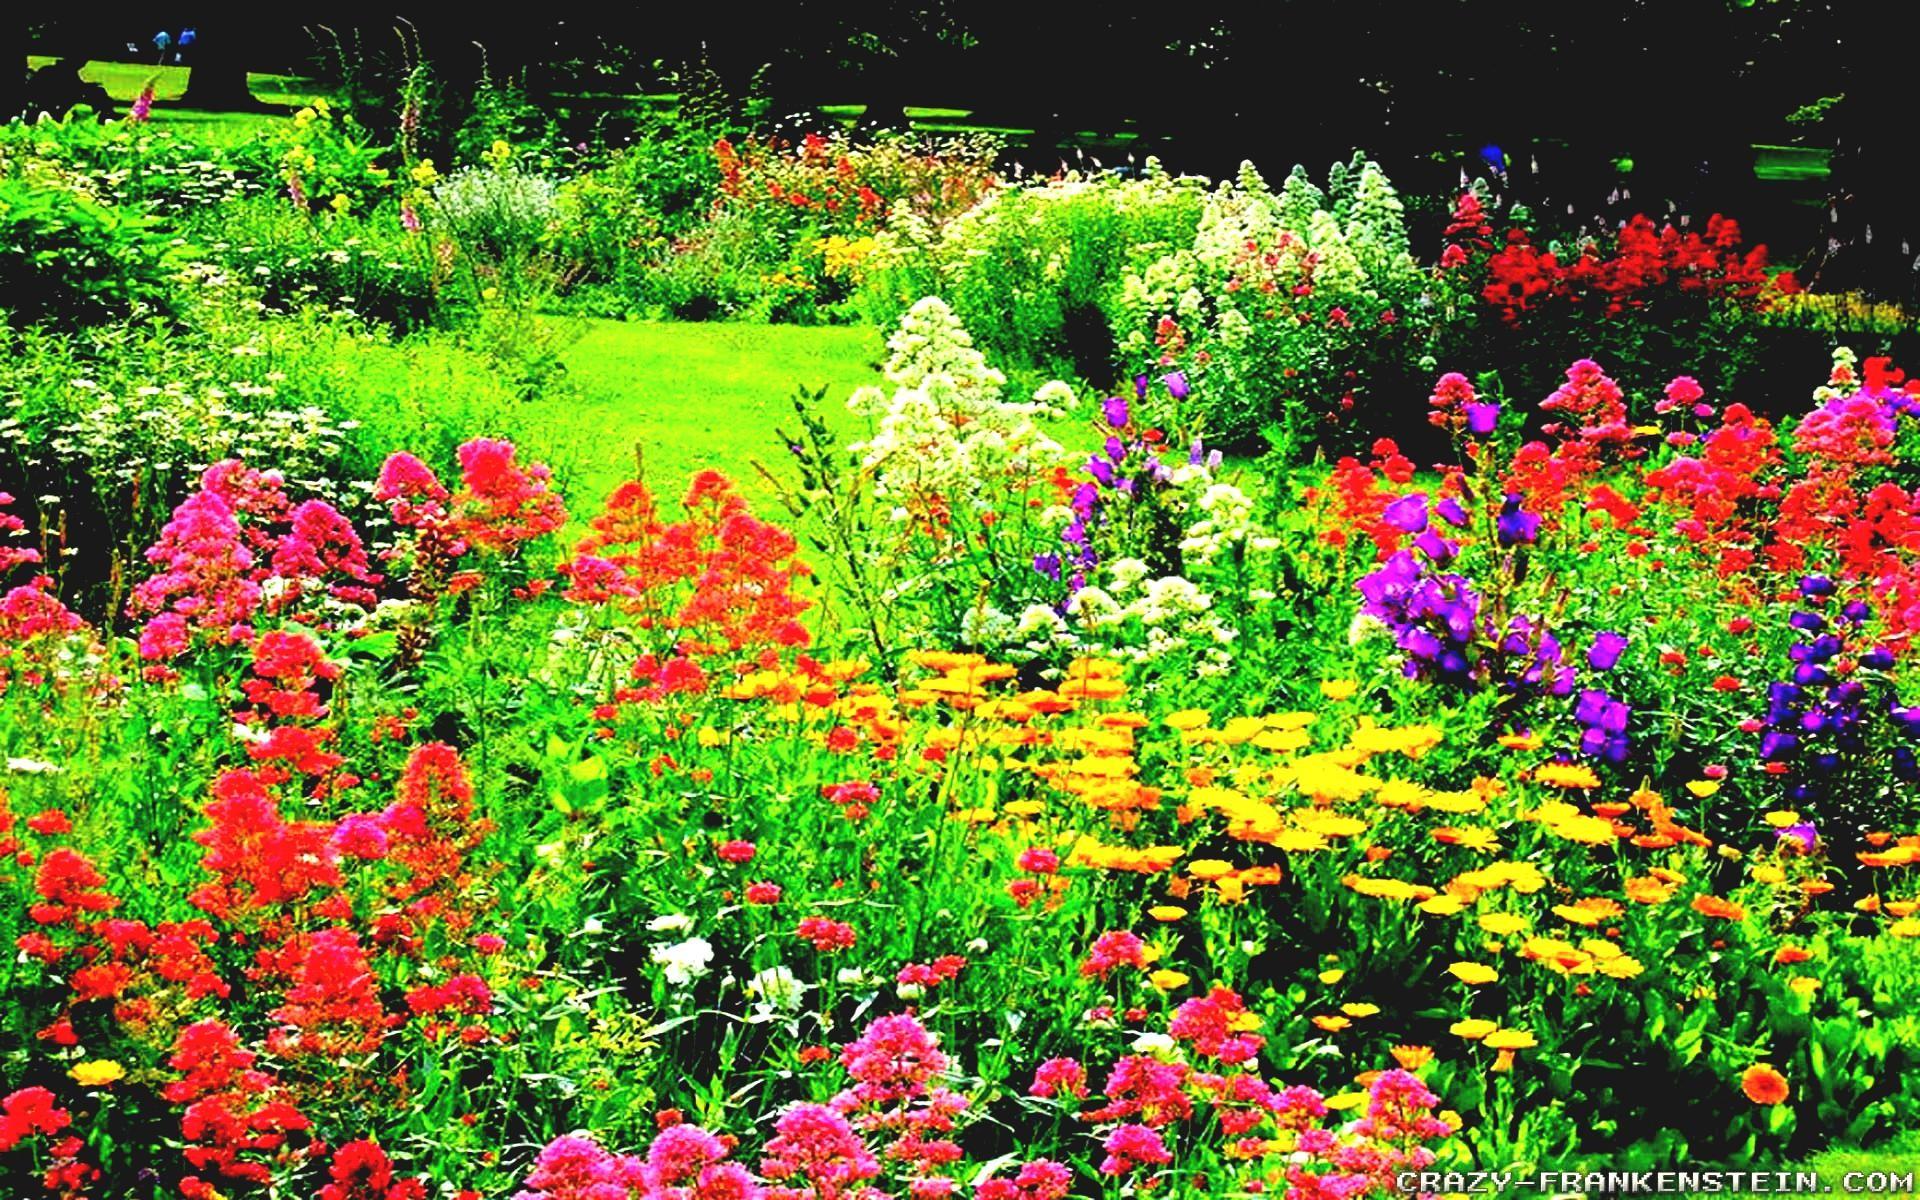 Download Original Wallpaper Category - Open Flower Garden , HD Wallpaper & Backgrounds